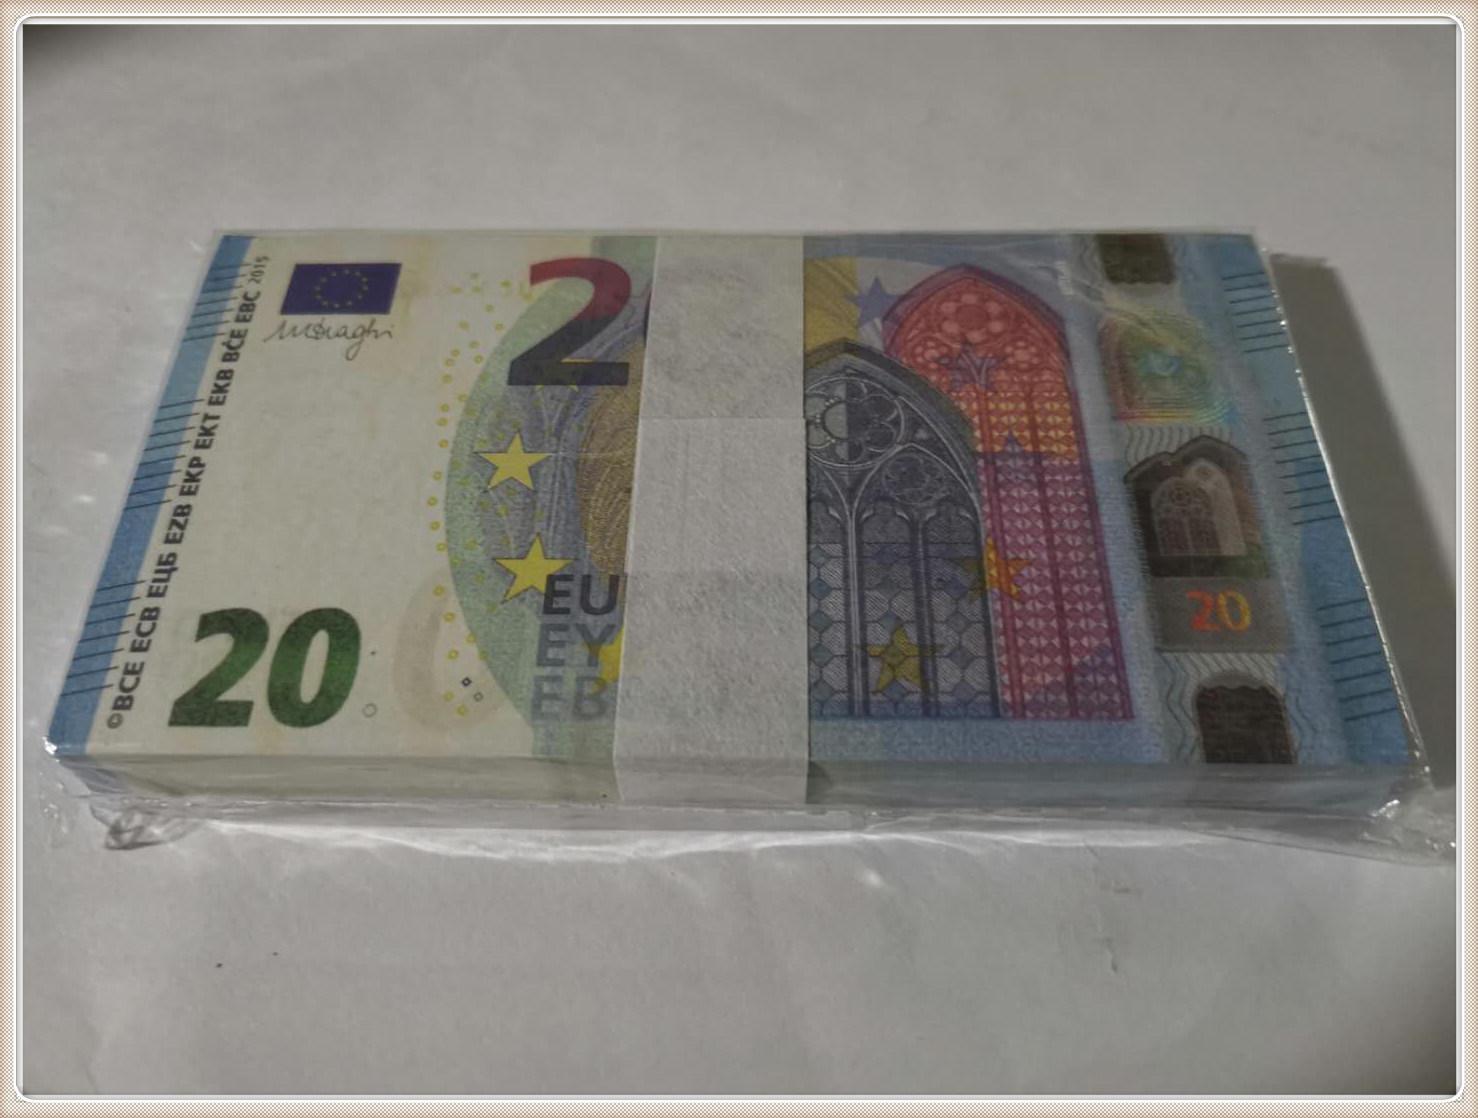 Party Shooting 20 Fälschung Kopie MV Spielzeug Banknote Prop Hoxue Hot Le20-48 Atmosphäre Bühnenstütze Euro Bar Gefälschungen Ikkwf